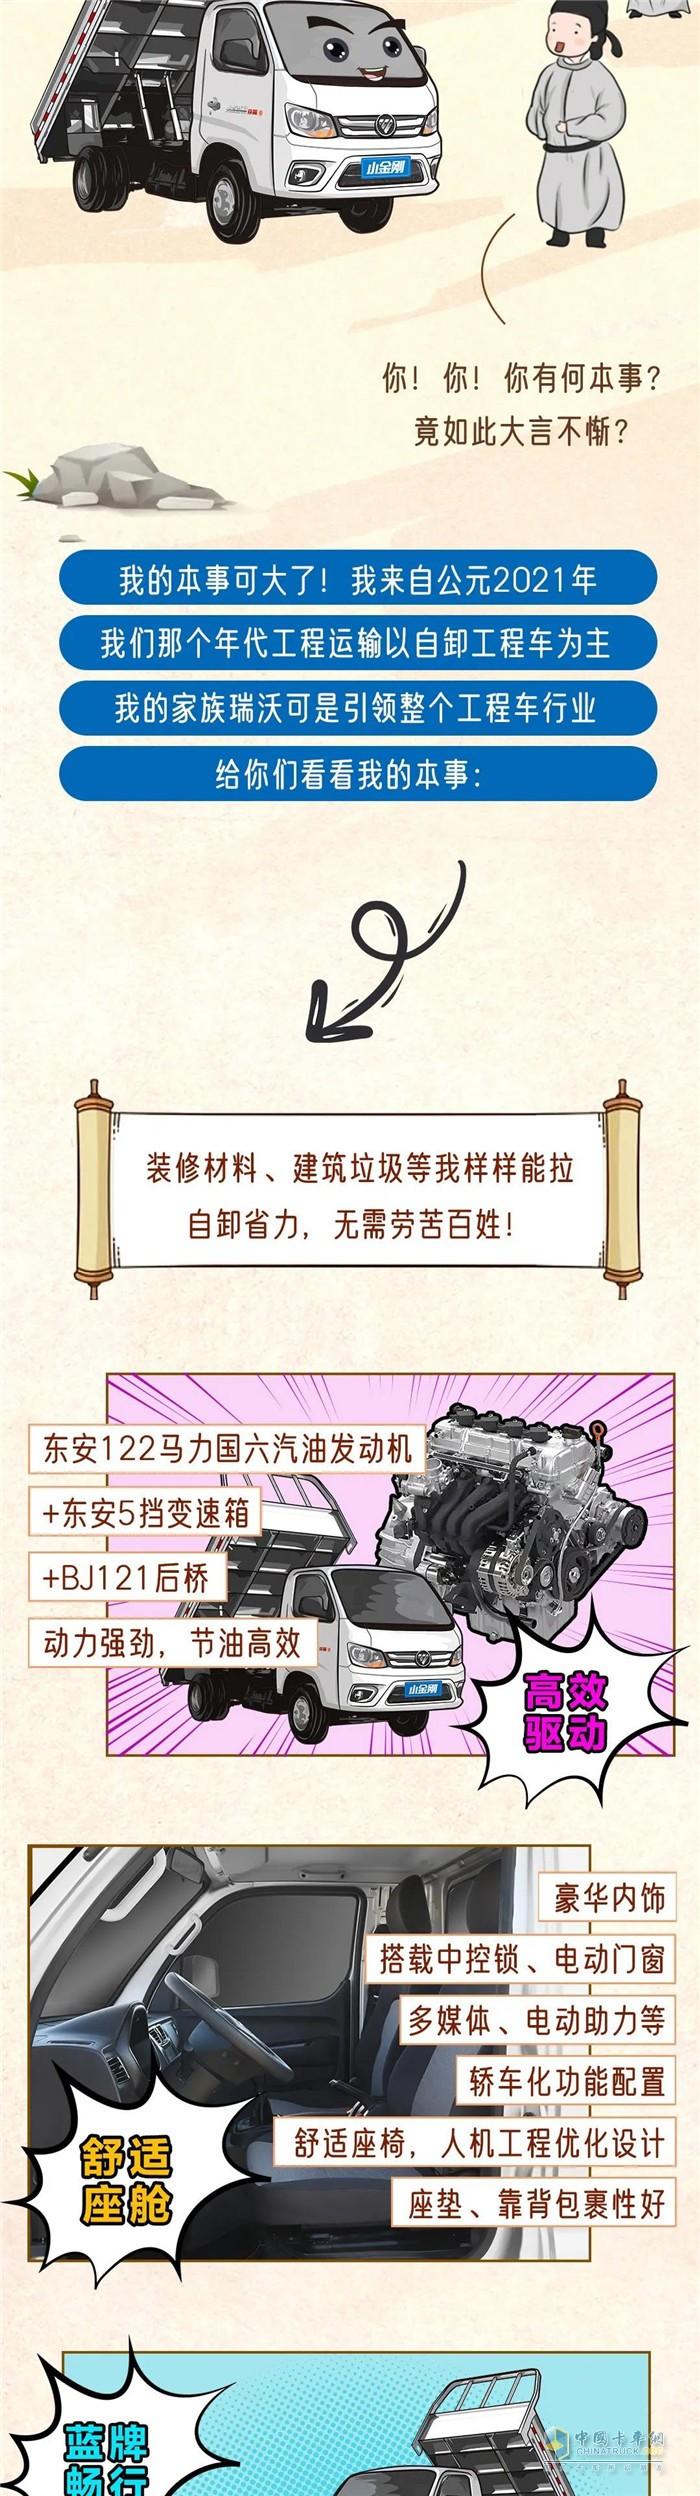 福田瑞沃工程车  小金刚Q版